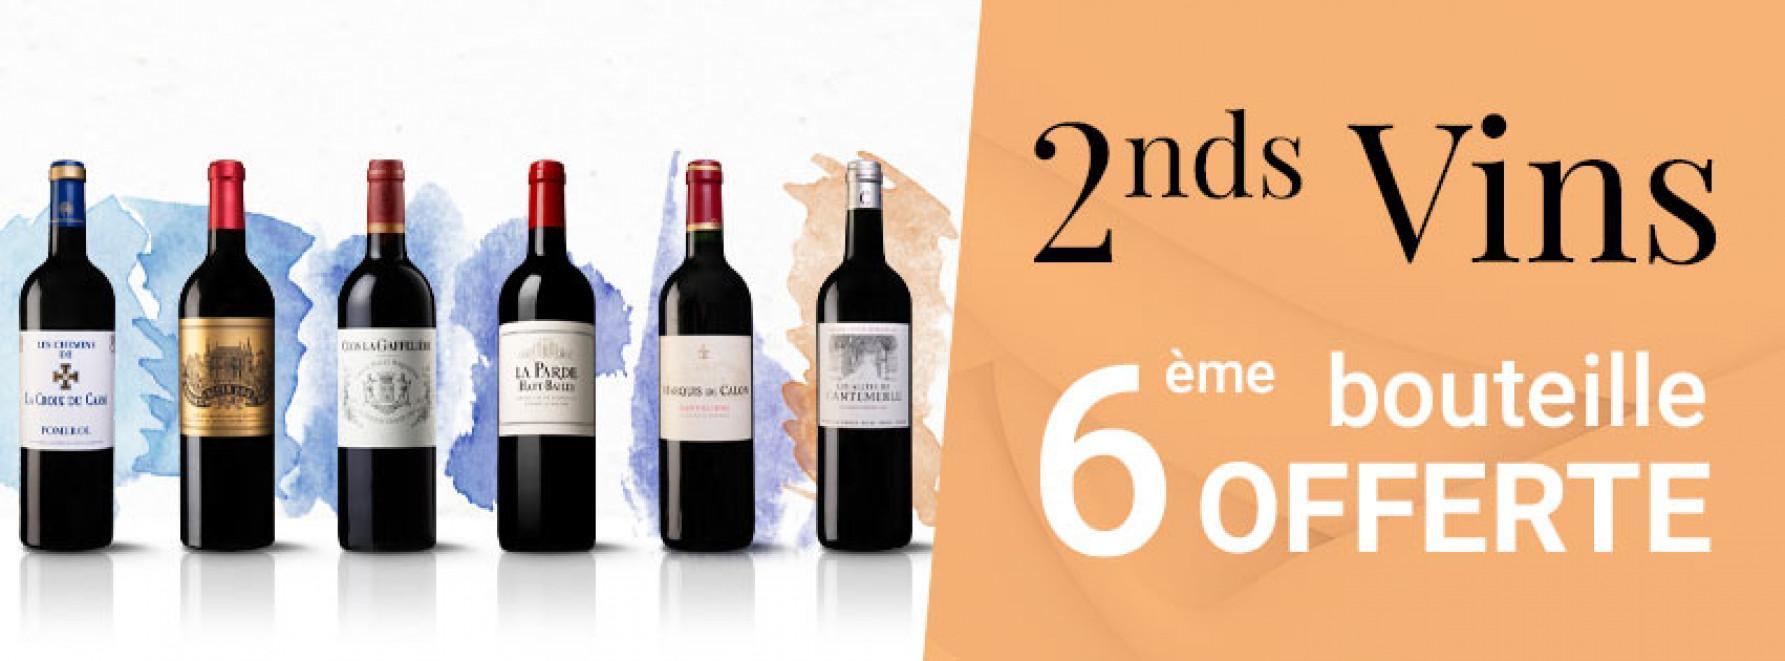 Seconds vins : 6ème bouteille offerte